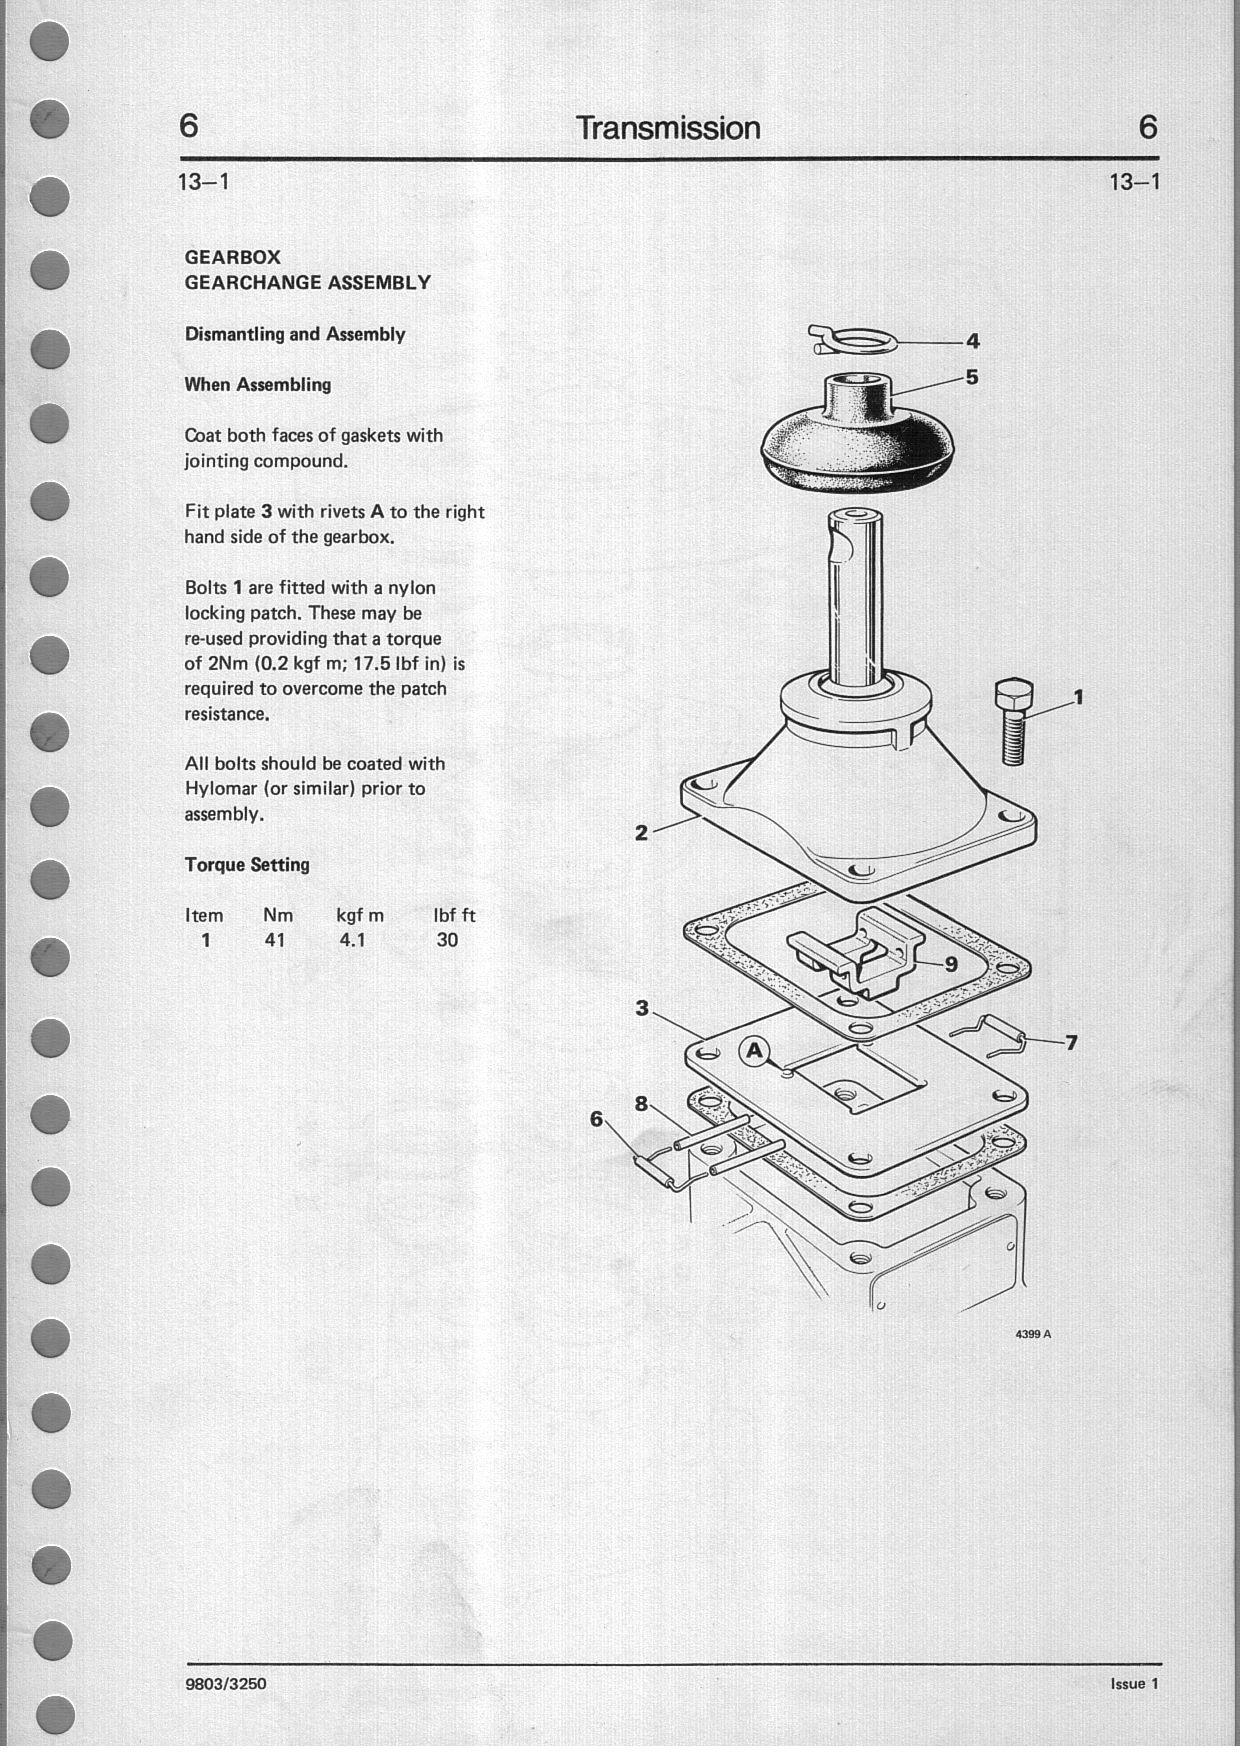 Jcb Parts Diagram Great Design Of Wiring 1400b Backhoe Loader Free Engine Image 520 50